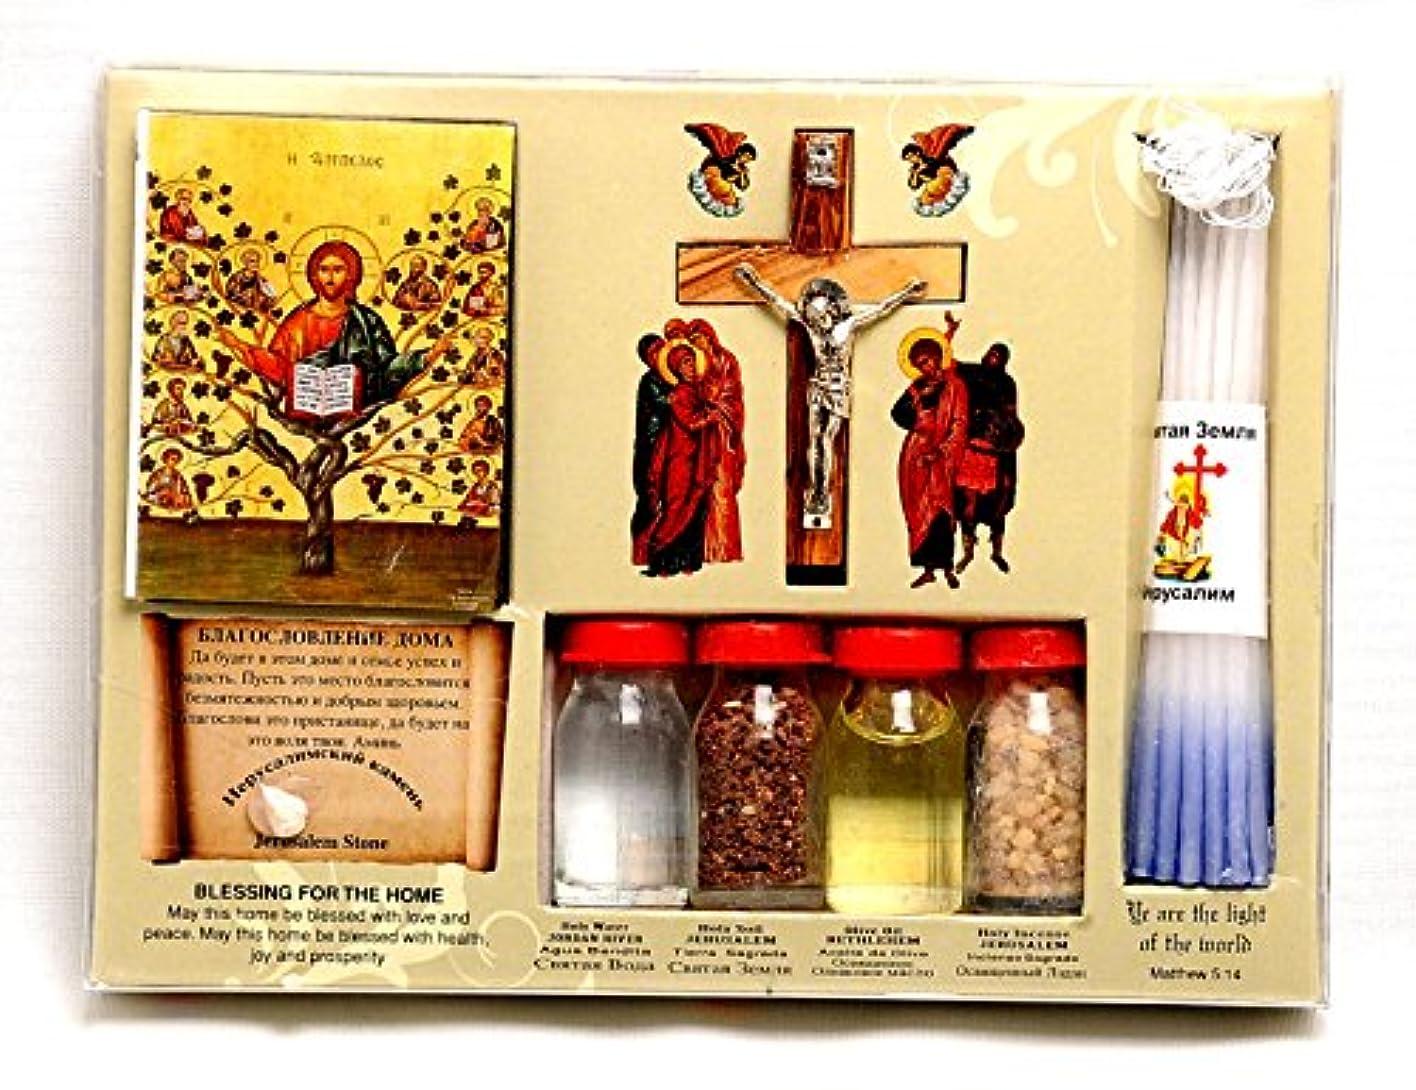 シーズン私たちの列挙するホーム祝福キットボトル、クロス&キャンドルに聖地エルサレム